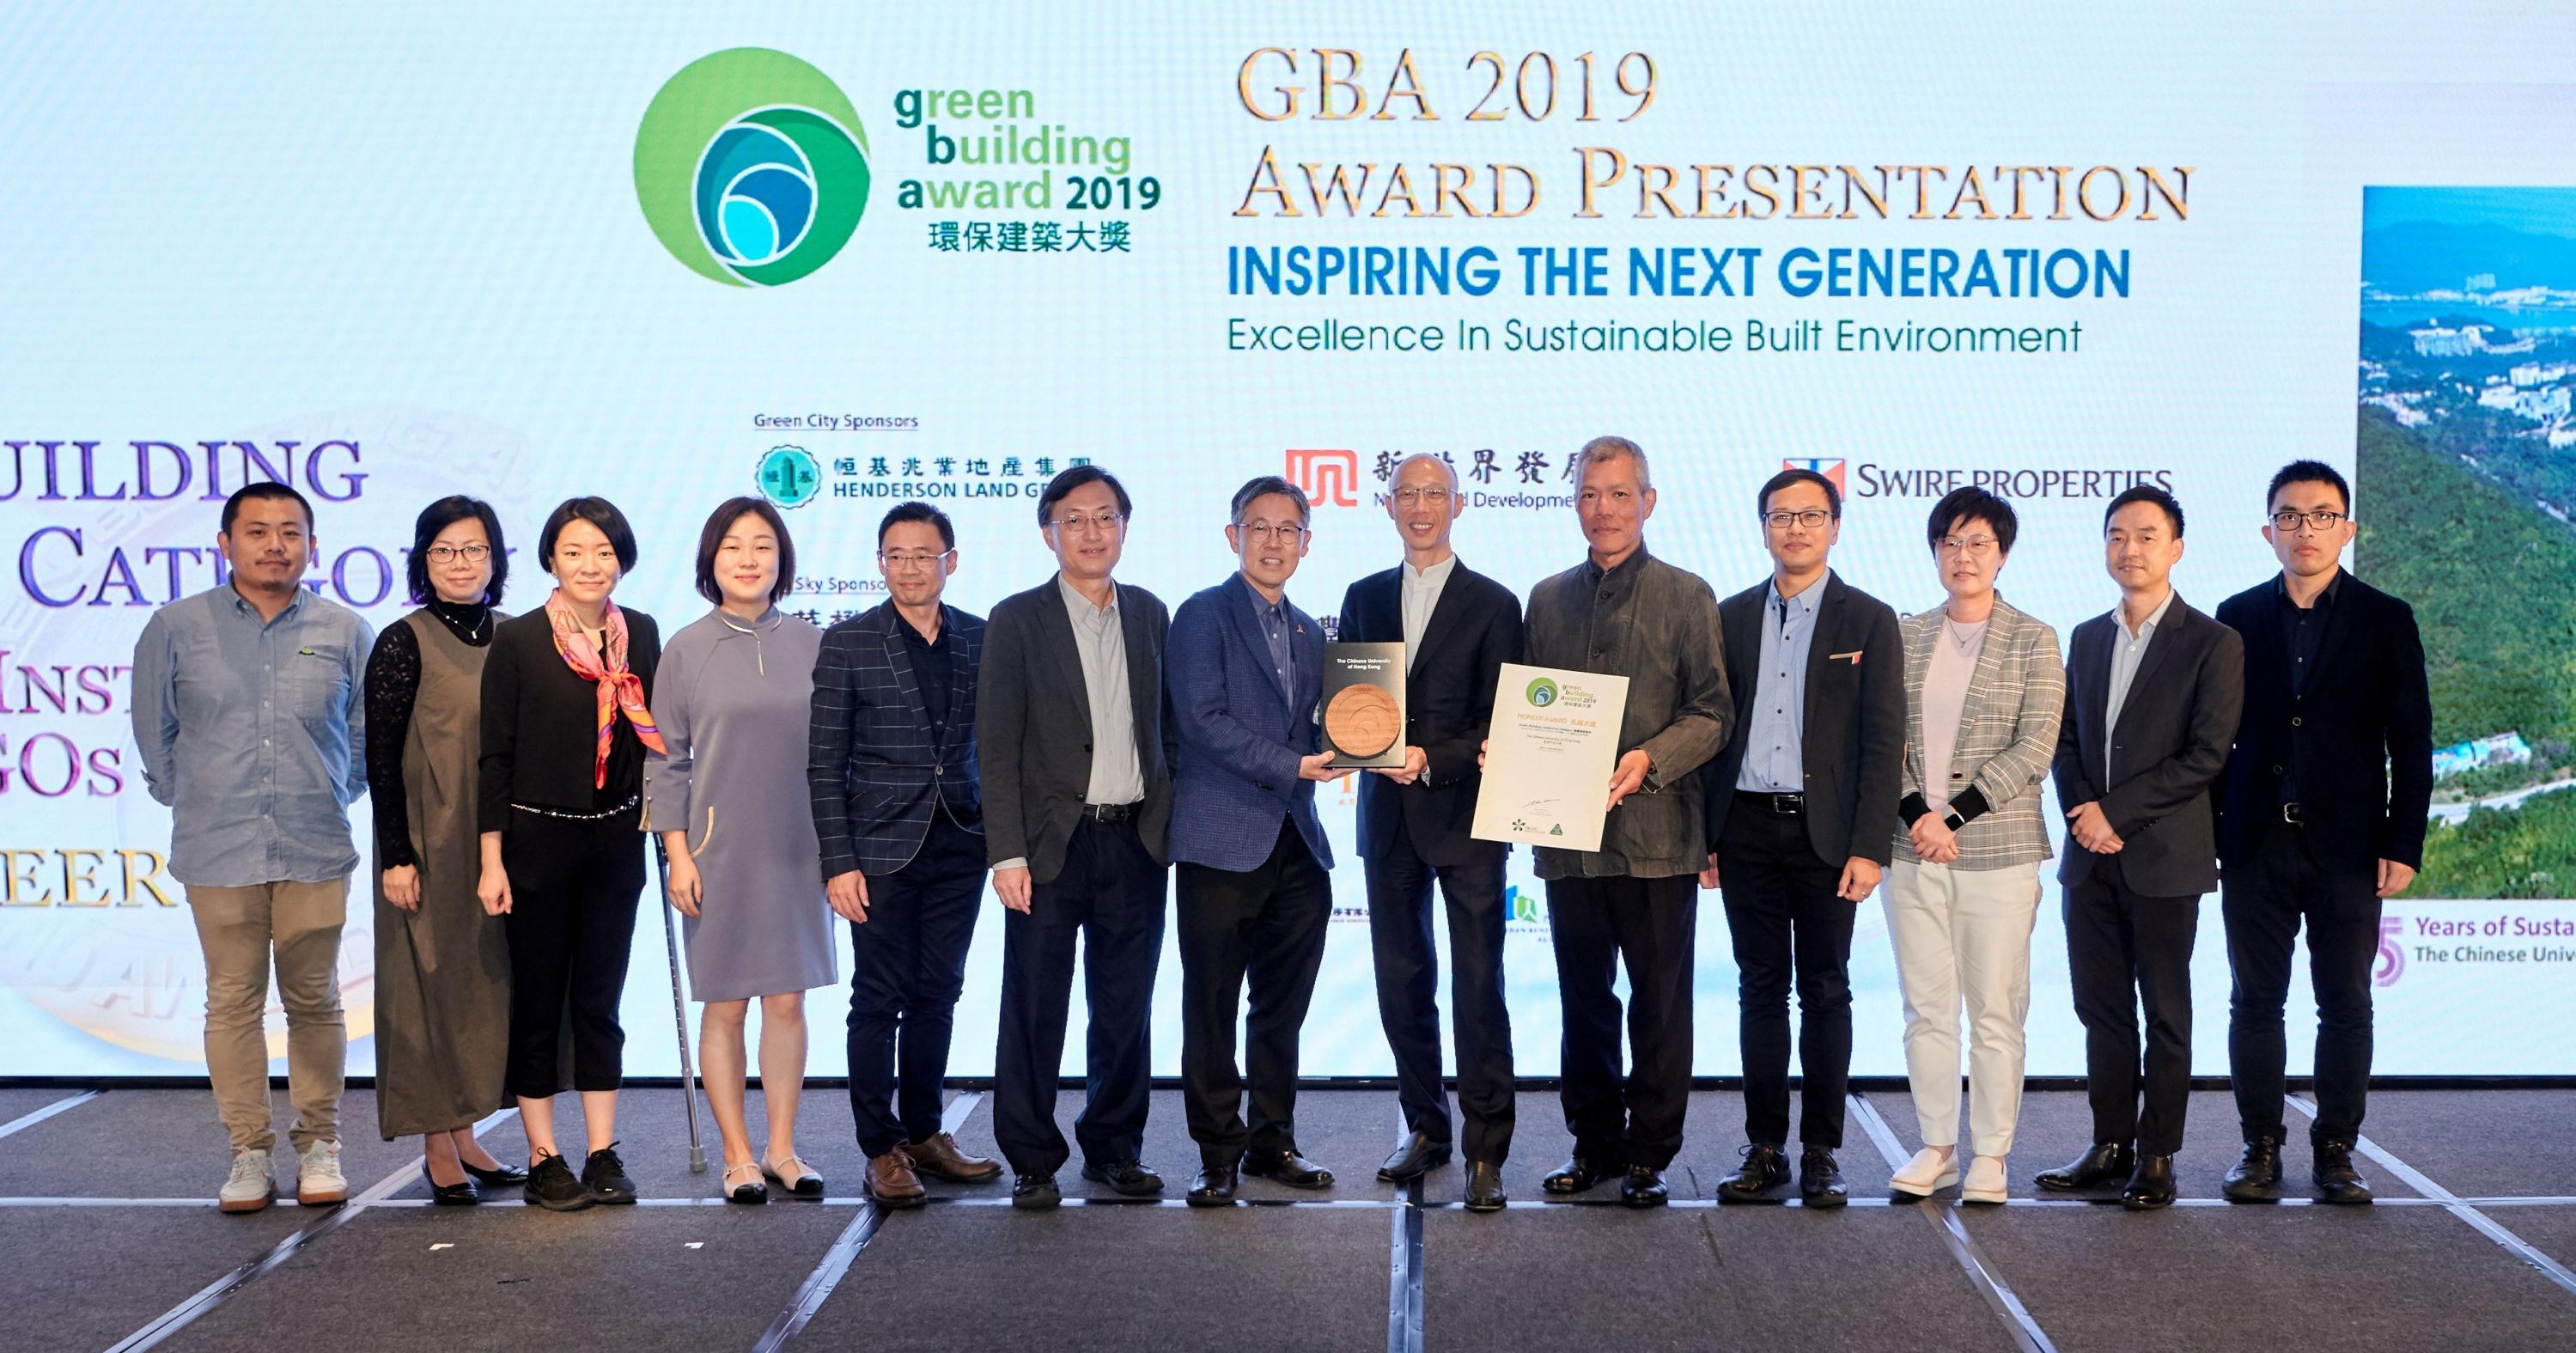 中大獲環保建築大獎2019頒發「綠建領導類別」先鋒大獎(公共機構及非政府組織)。